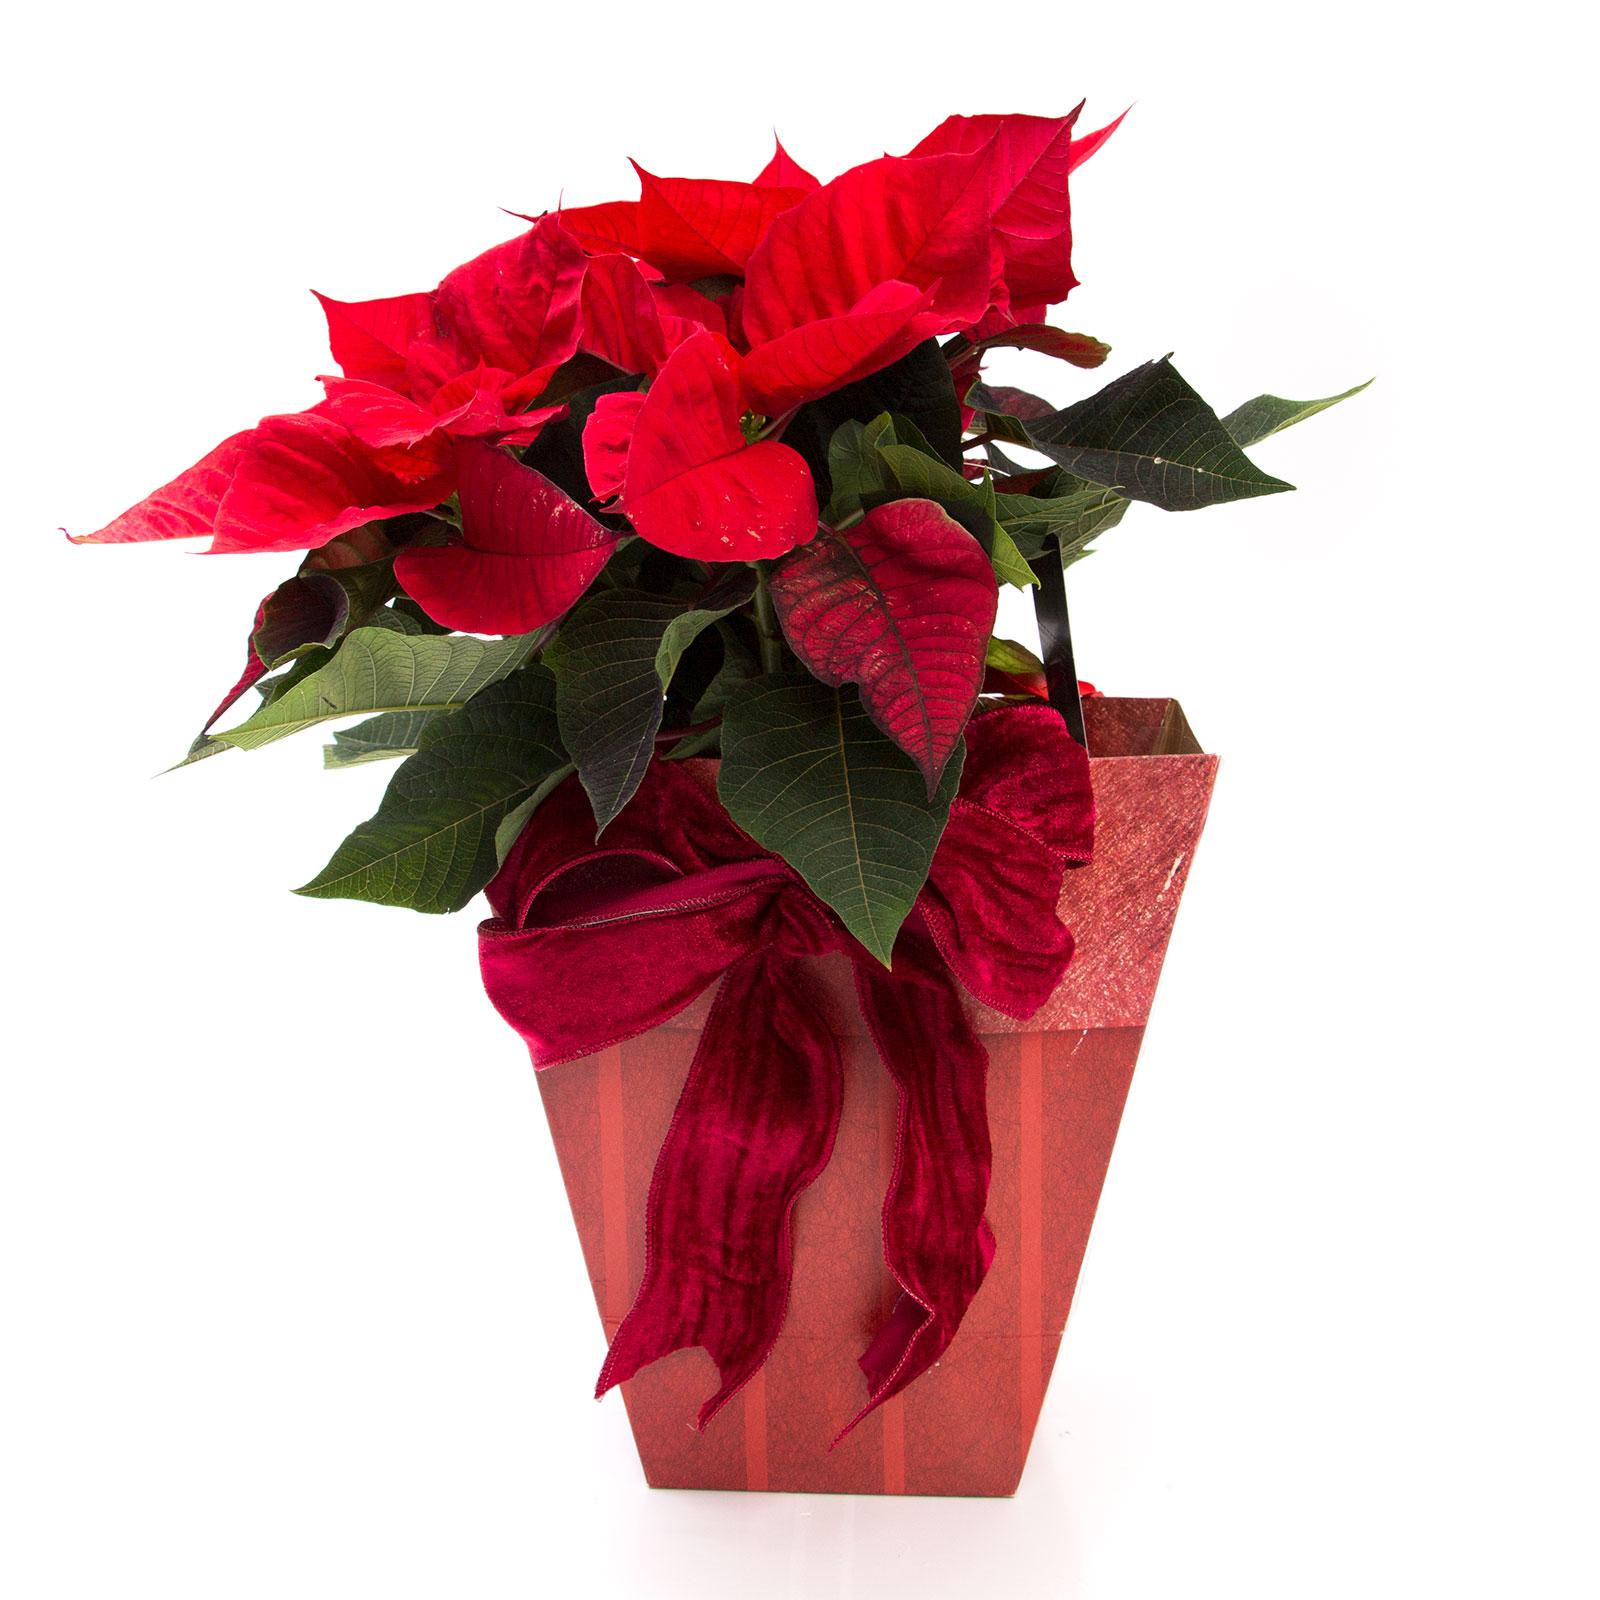 craciunite flori 2017 in pungi cadou, idei de cadouri craciun